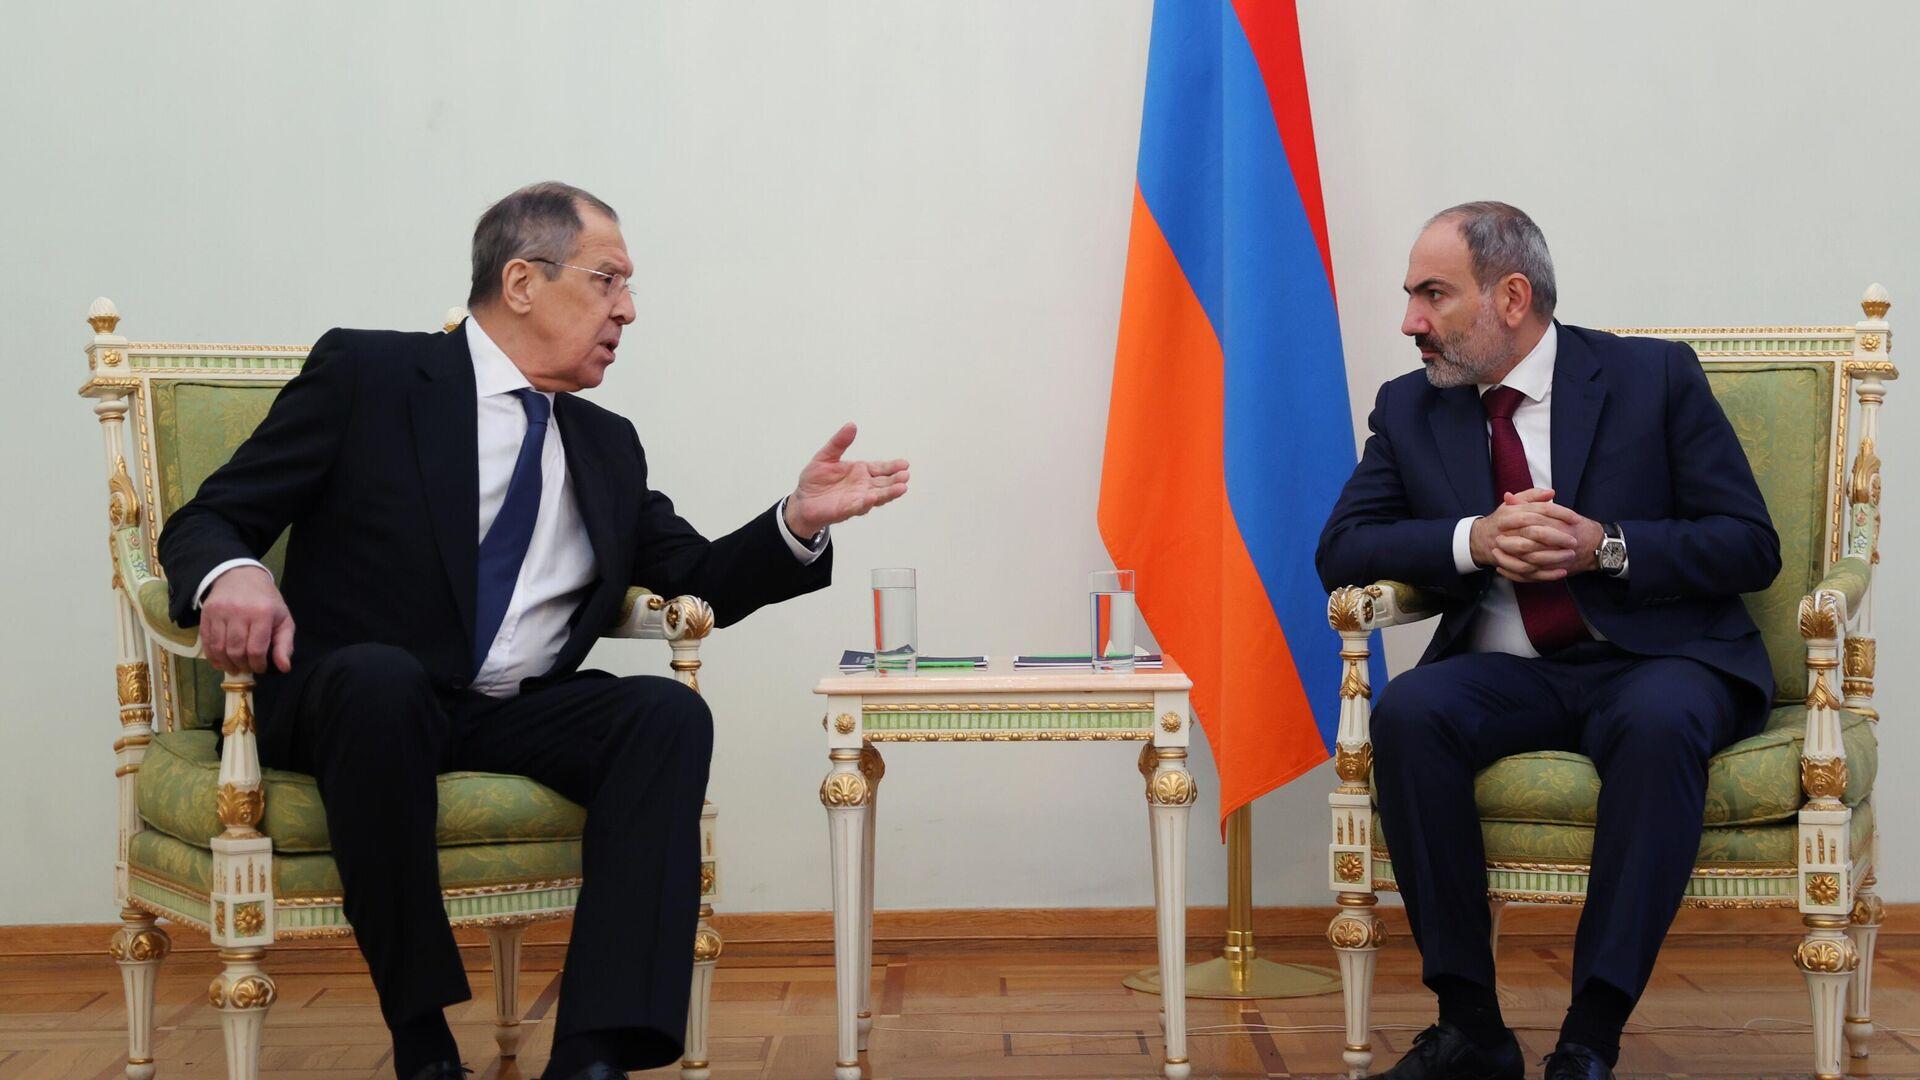 Canciller ruso, Serguéi Lavrov, y primer ministro interino de Armenia, Nikol Pashinián - Sputnik Mundo, 1920, 12.06.2021